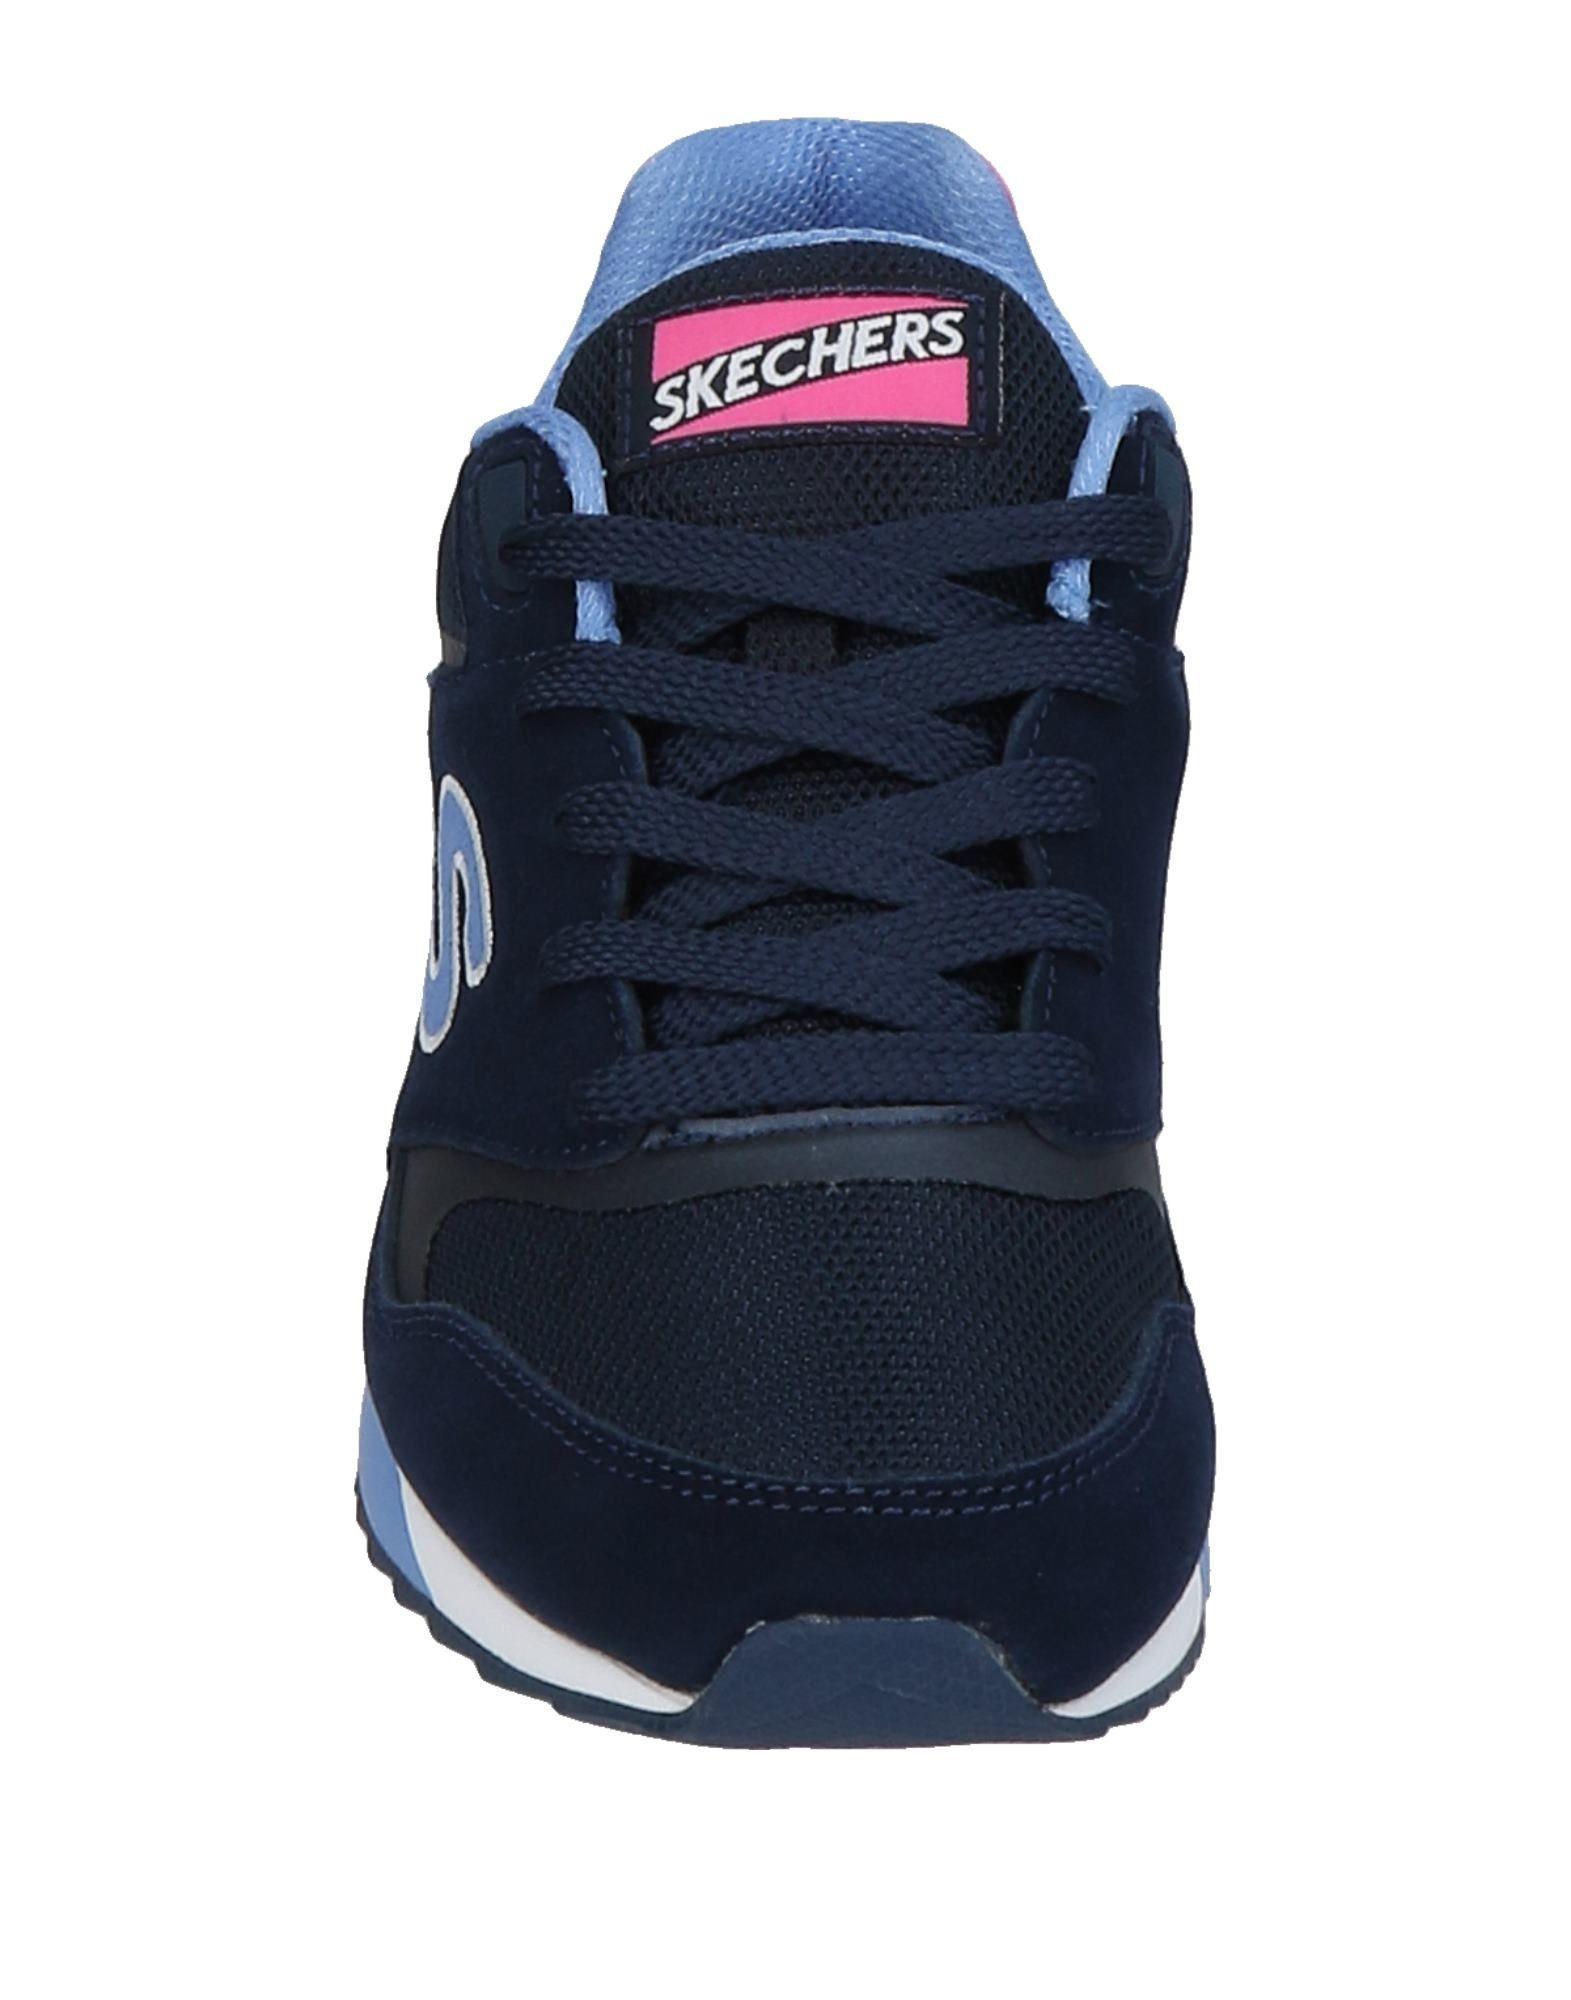 Skechers Suede Low-tops & Sneakers in Dark Blue (Blue)